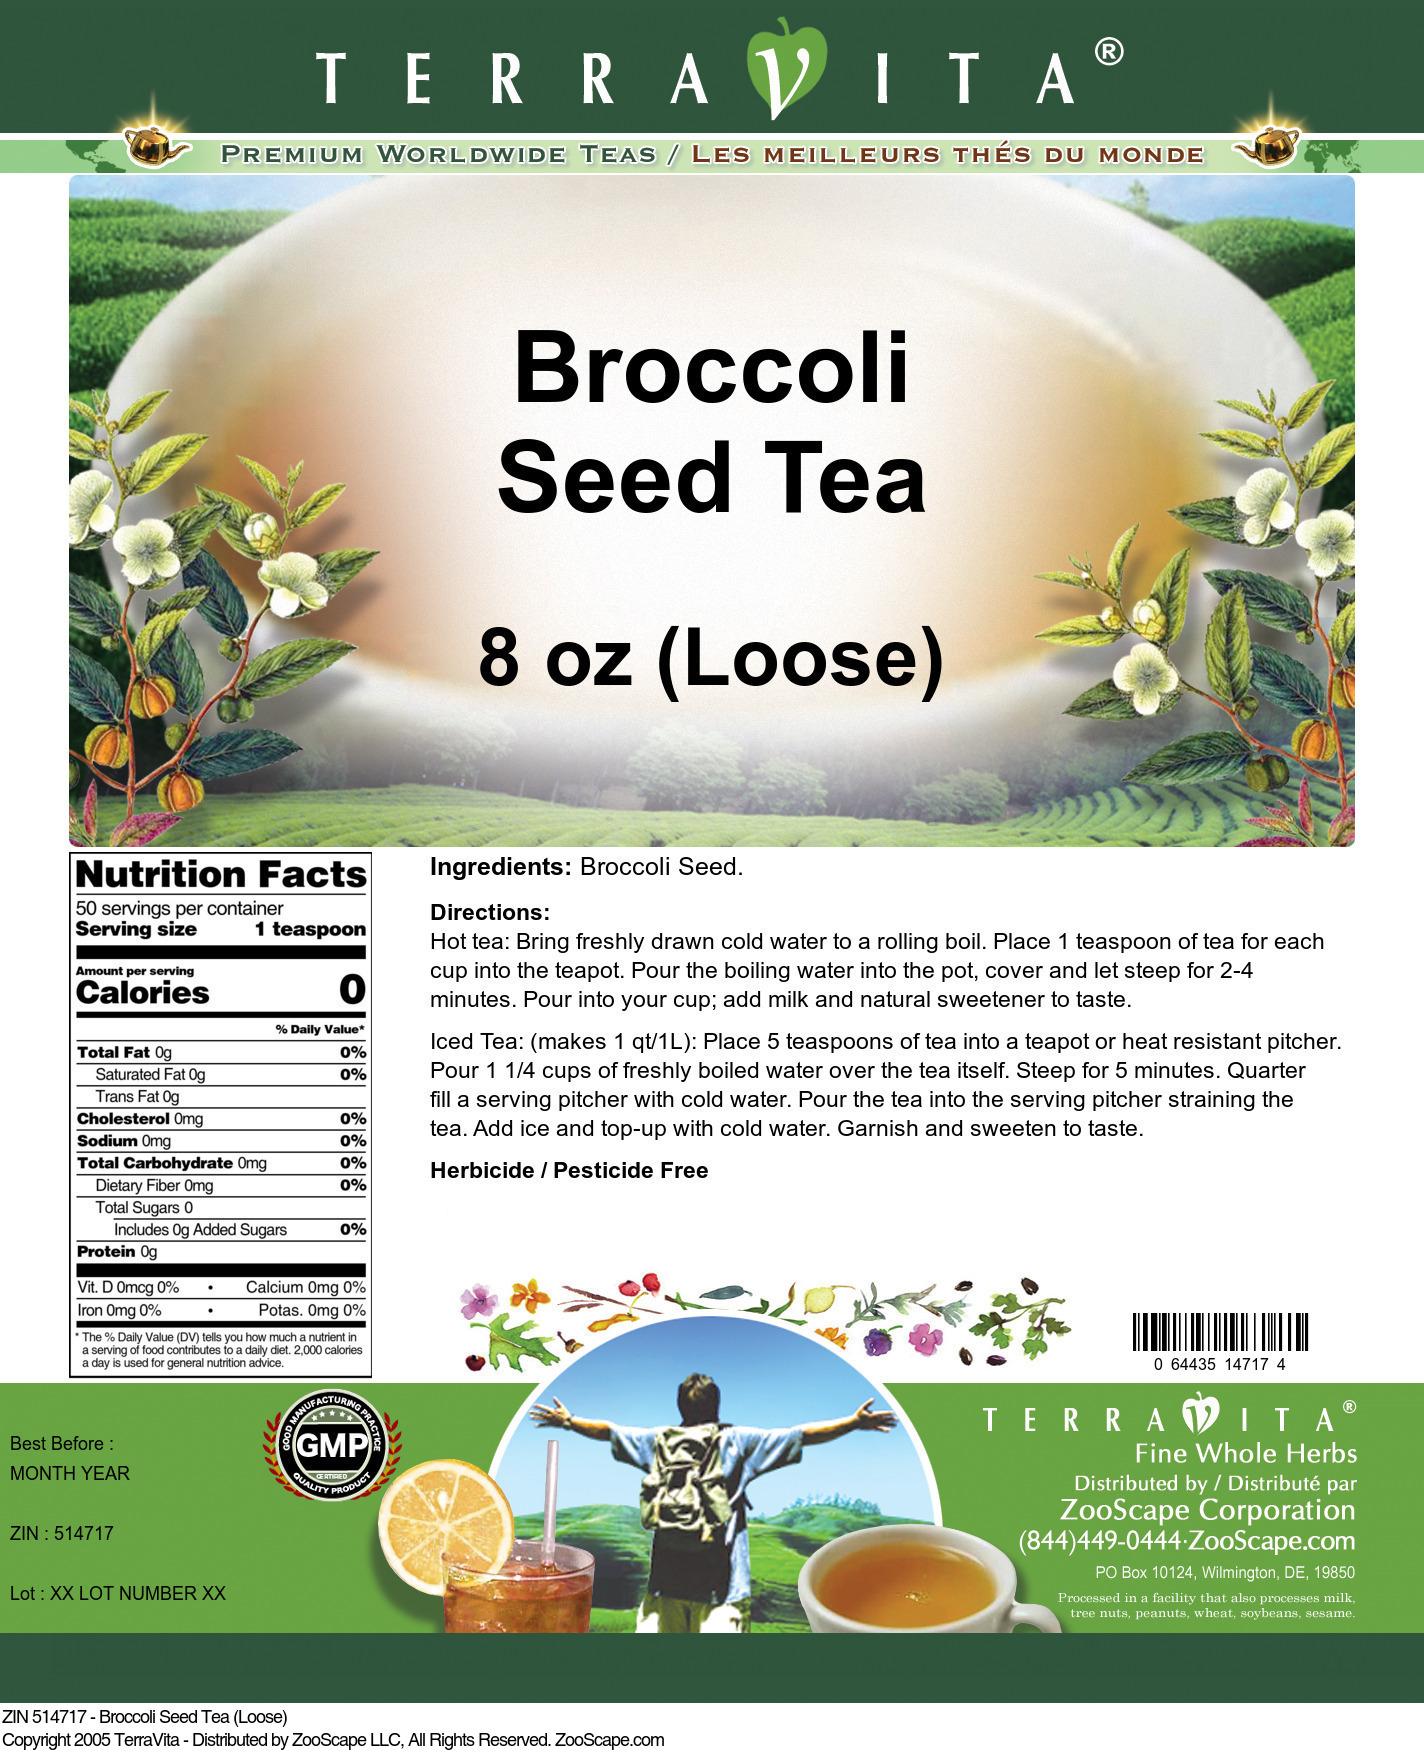 Broccoli Seed Tea (Loose)